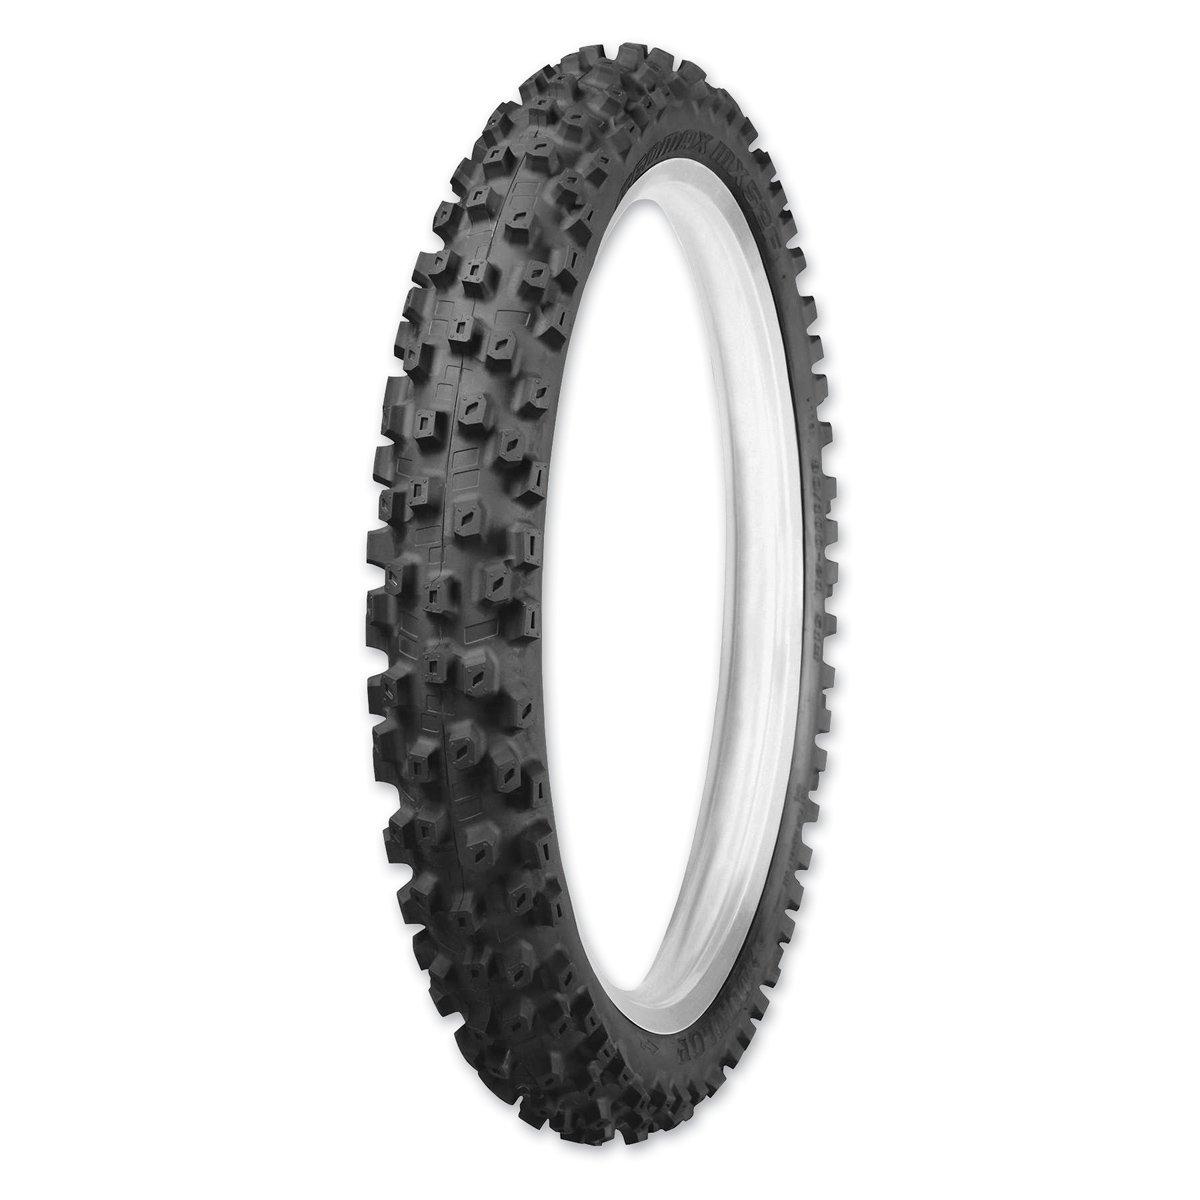 Dunlop MX52 90/90-21 I/T-H/T Front Tire 52MX21 4333418709